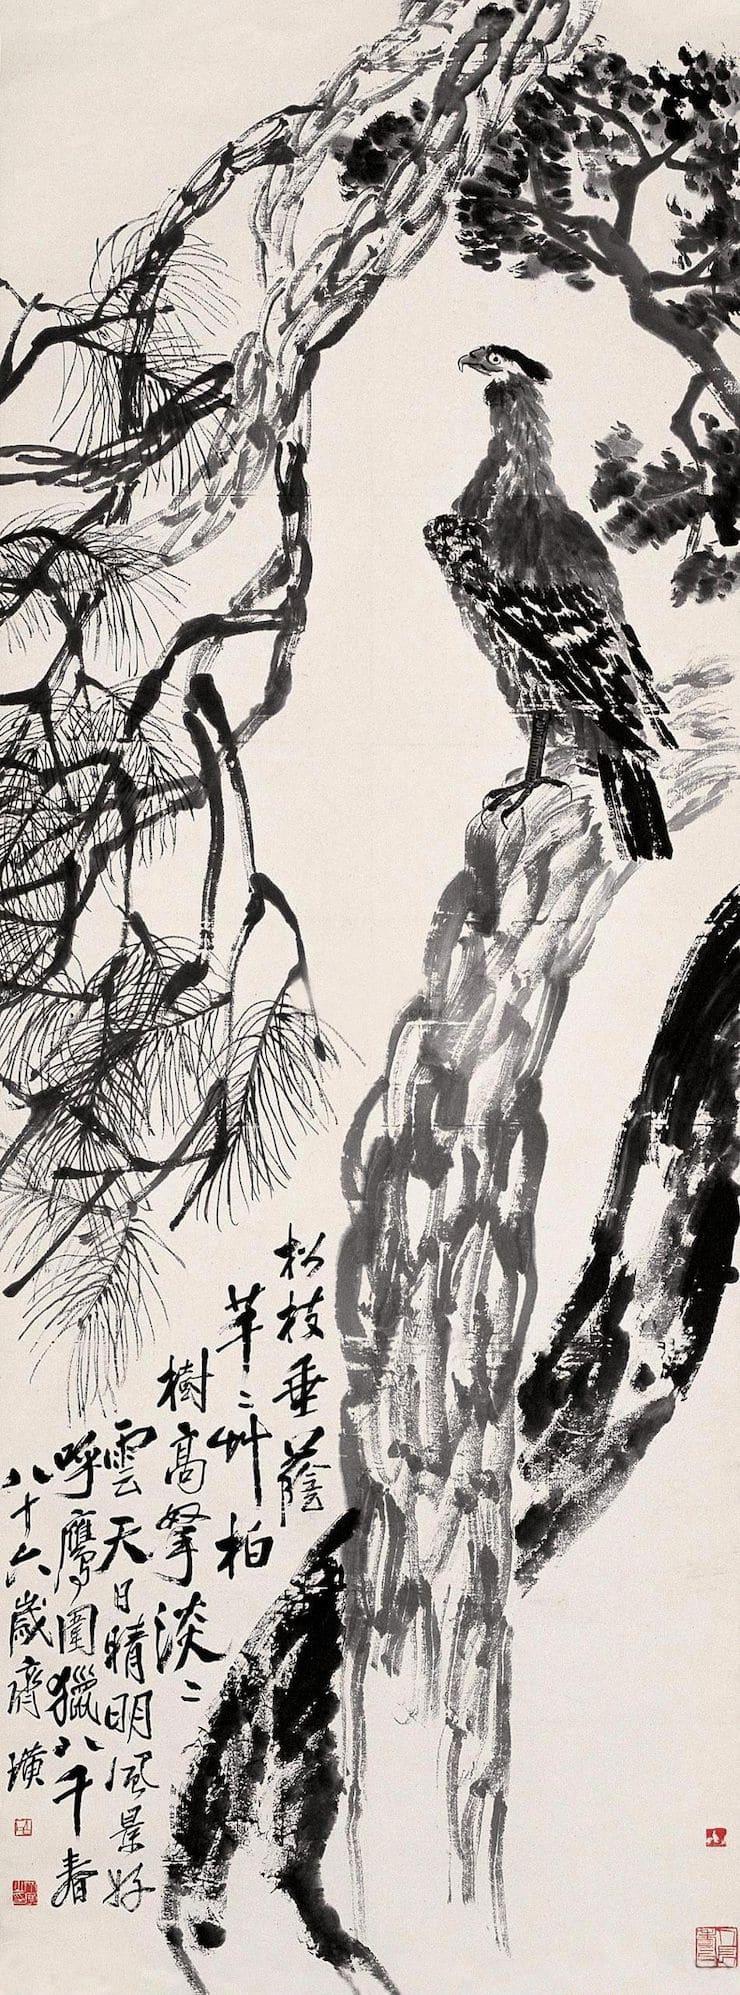 Орёл, сидящий на сосне, Ци Байши